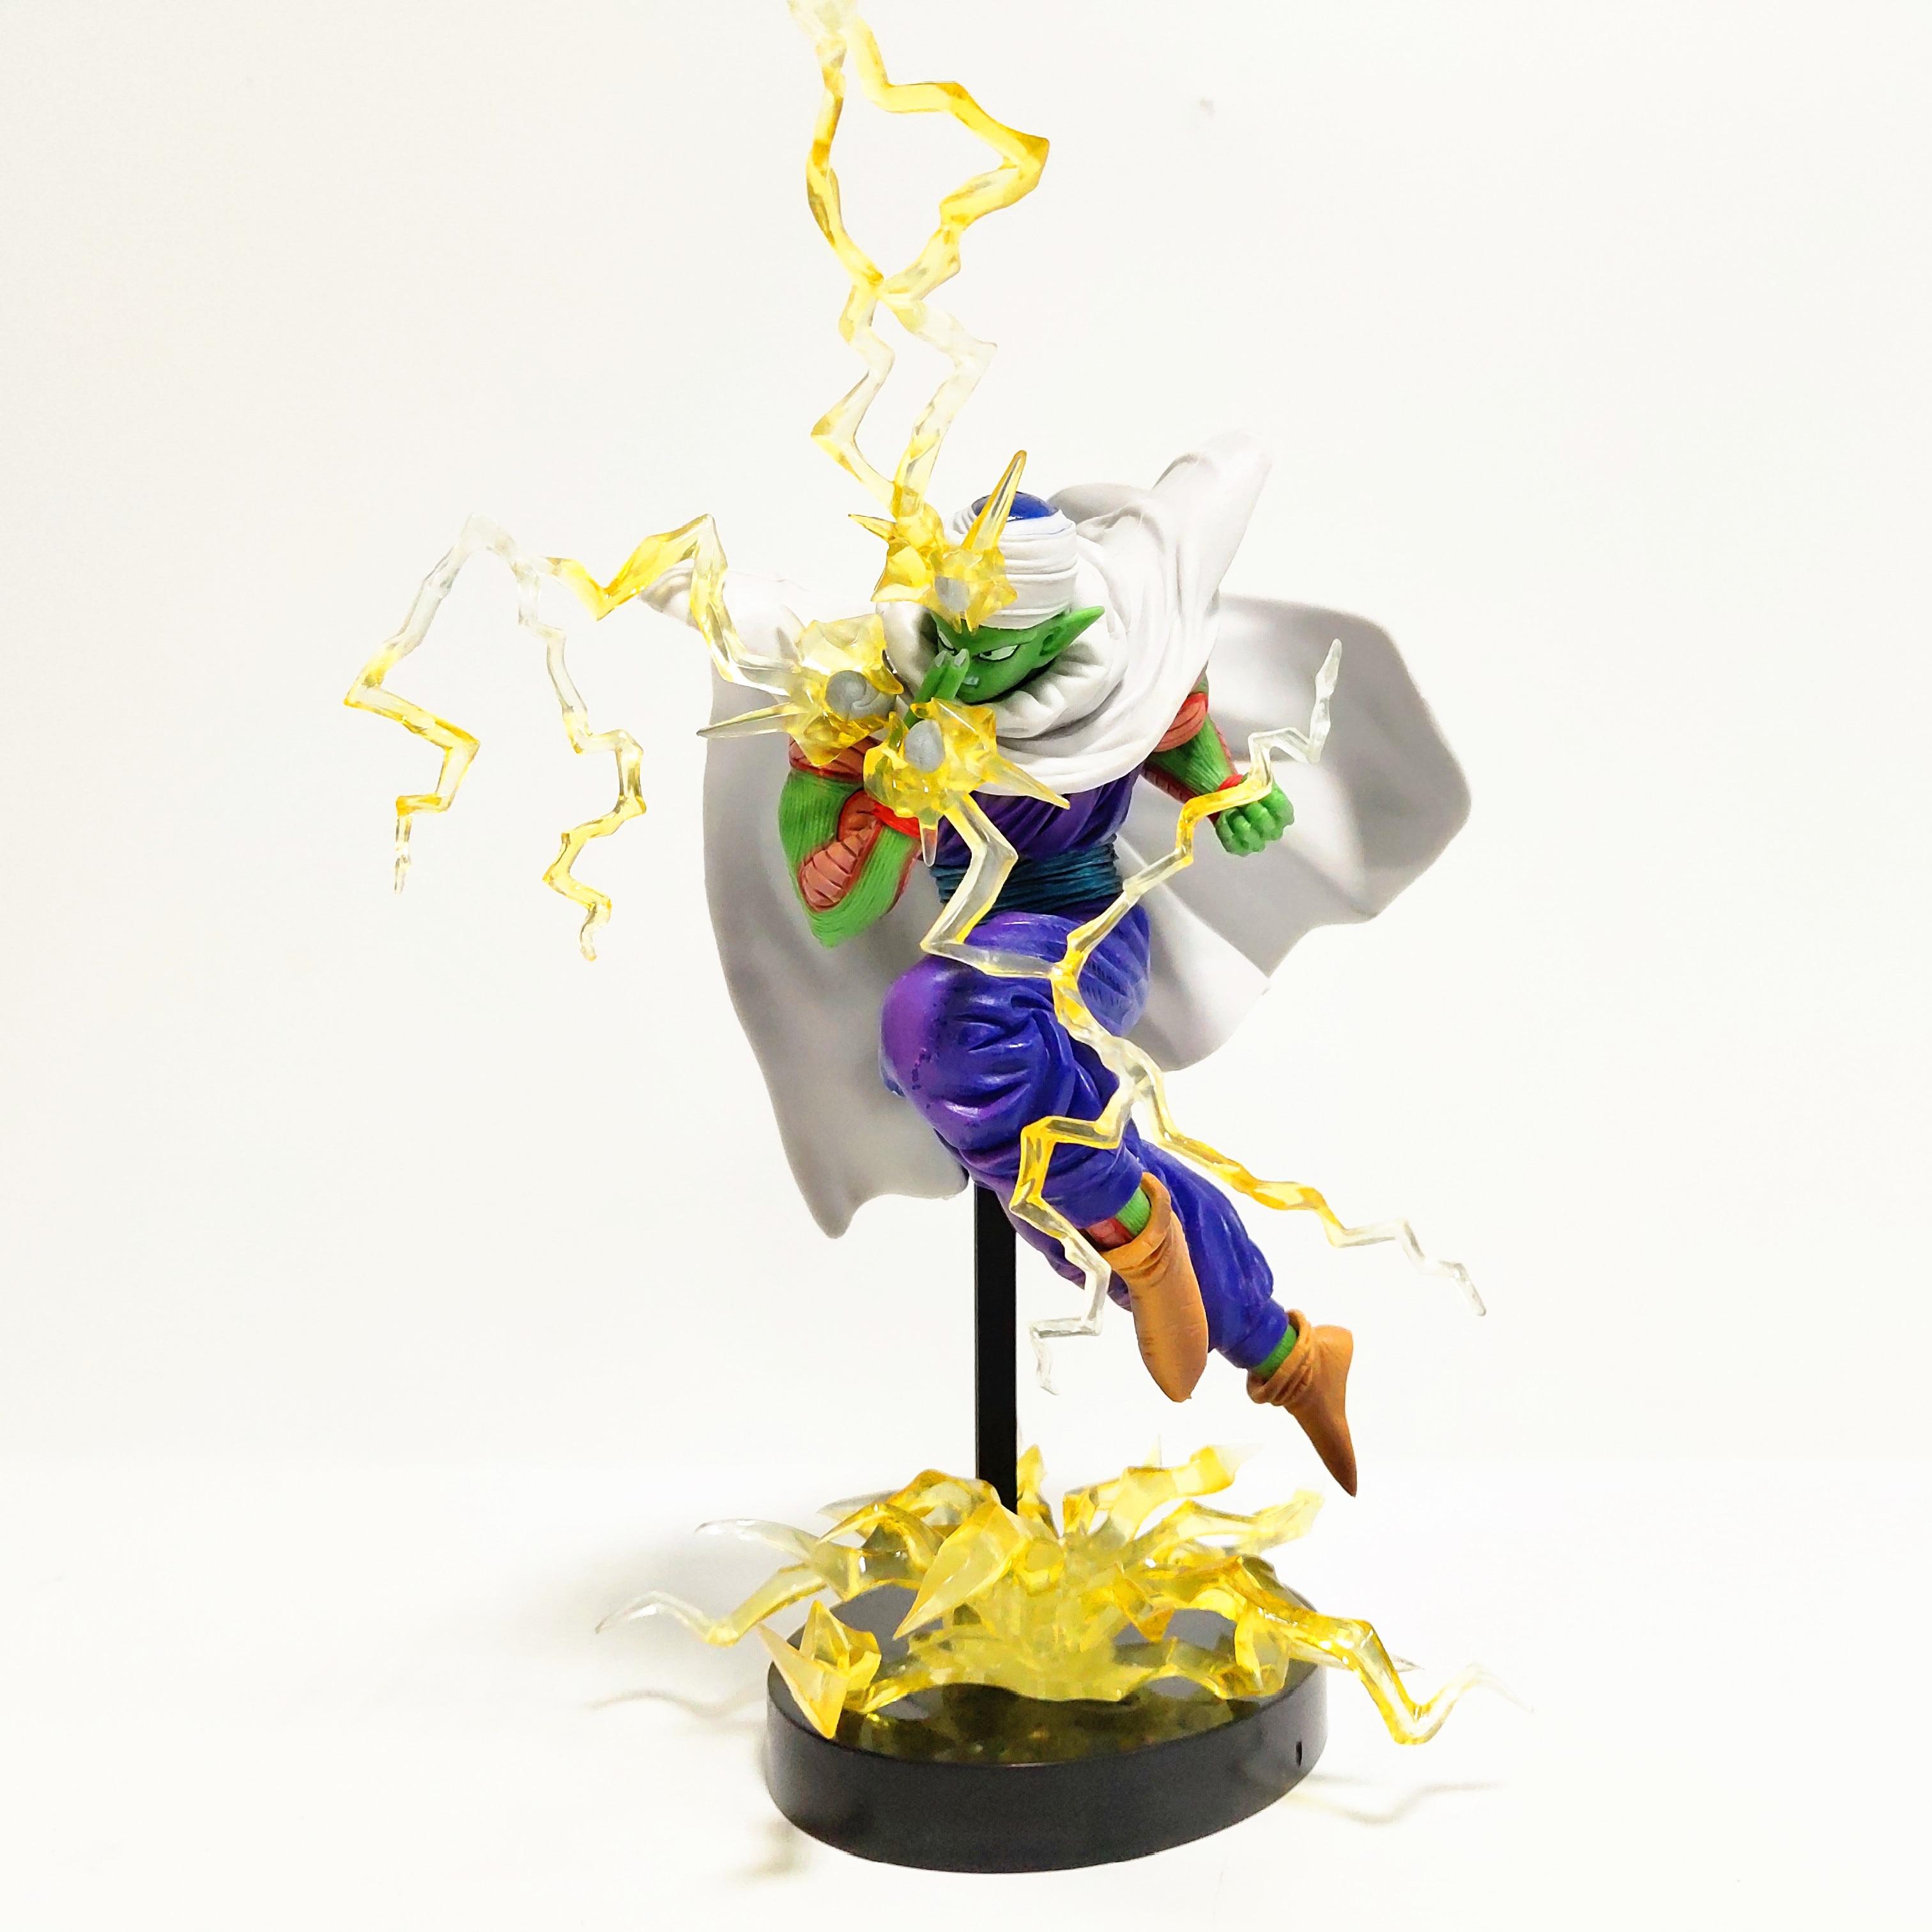 DRAGON BALL Z Piccolo PVC Action Figure Special Beam Cannon Effect Dragon Ball Super BWFC2 Piccolo Model Toys DBZ